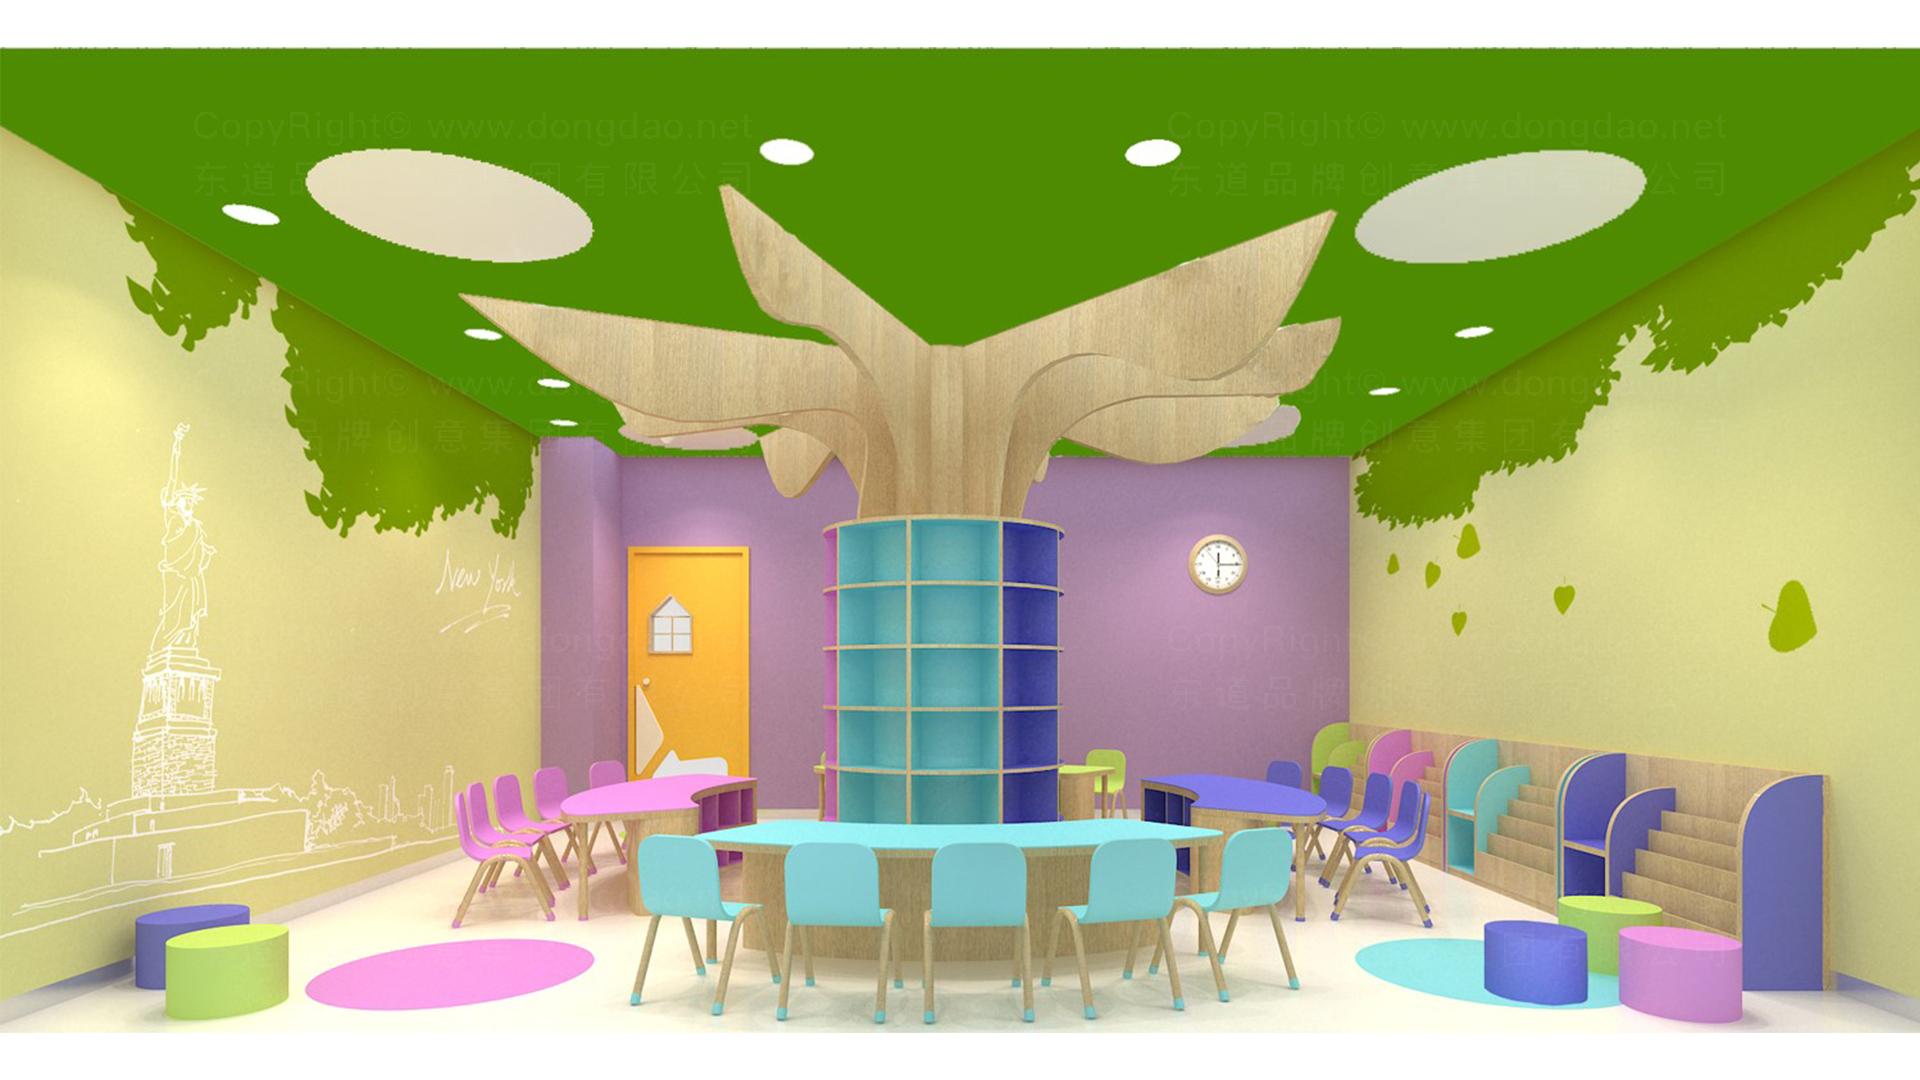 商业空间&导示瑞思SI门店概念设计应用场景_2